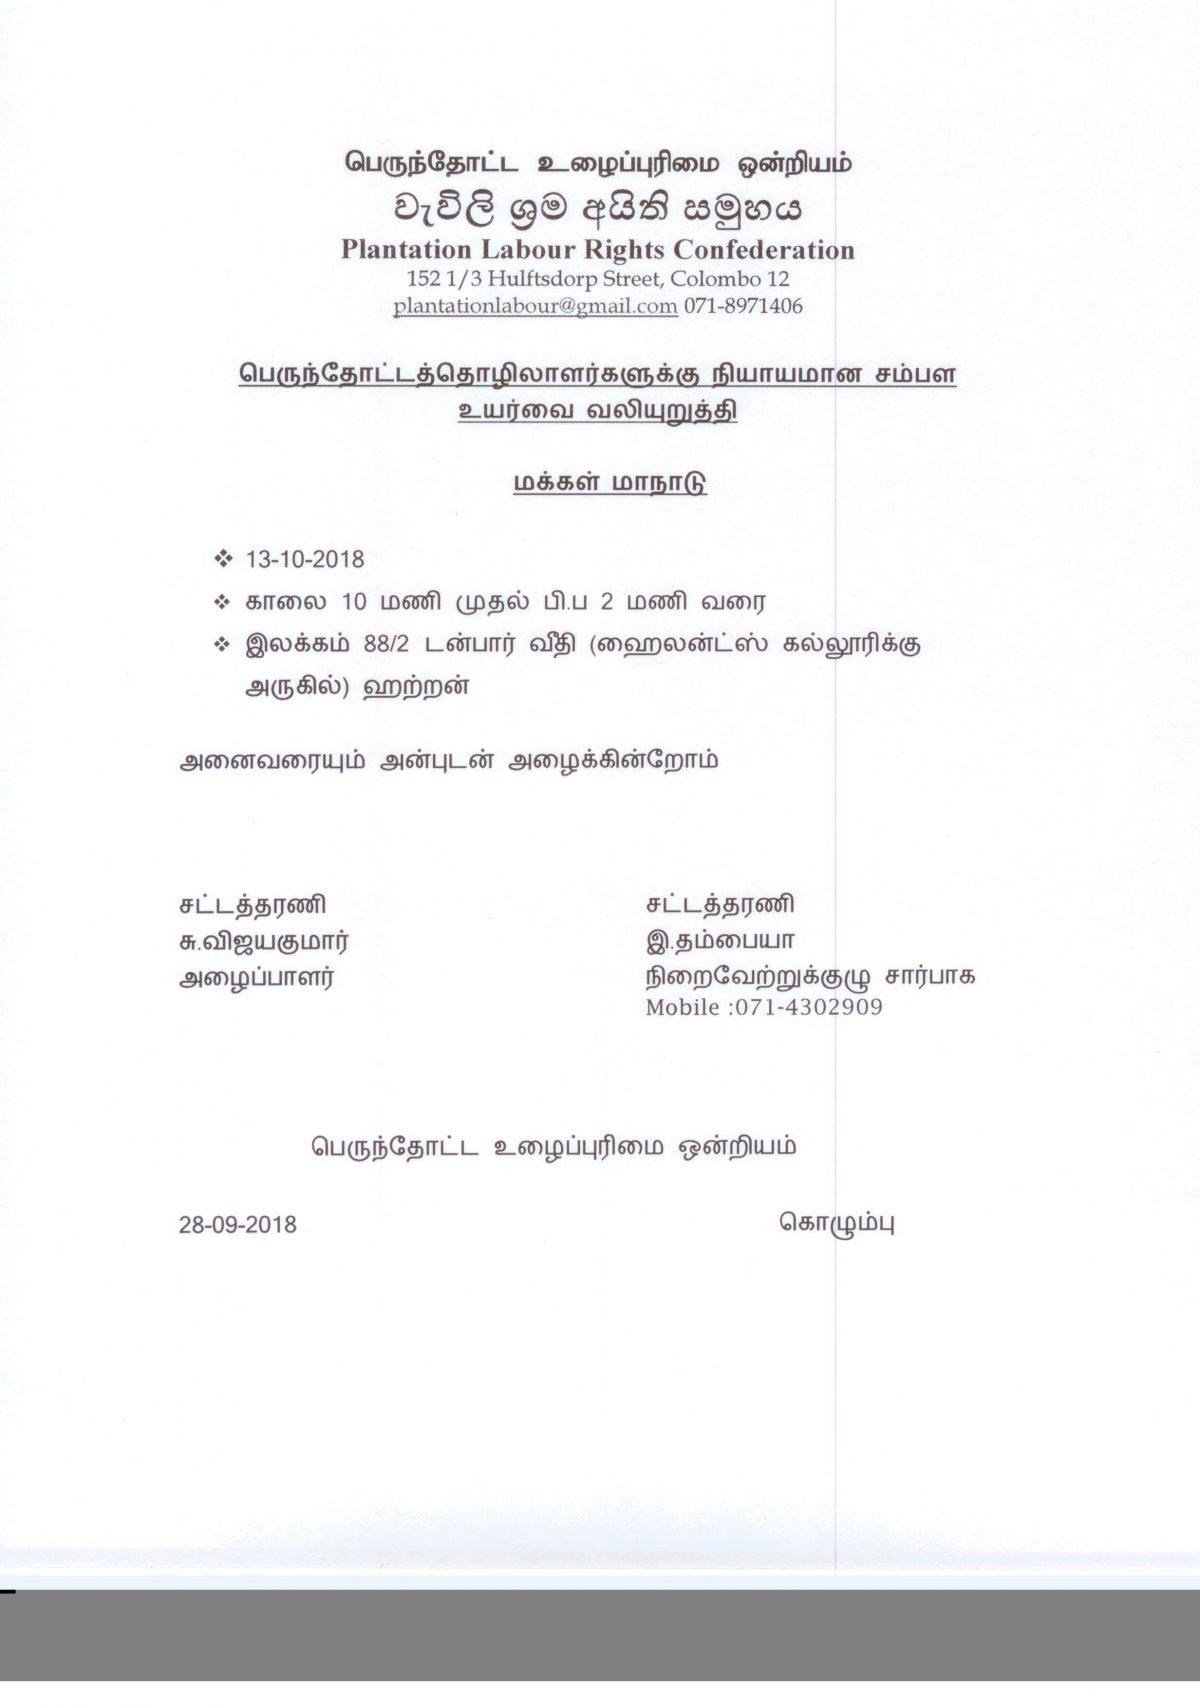 பெருந்தோட்டத் தொழிலாளர்களுக்கு சம்பள உயர்வு கோரி மகாநாடு